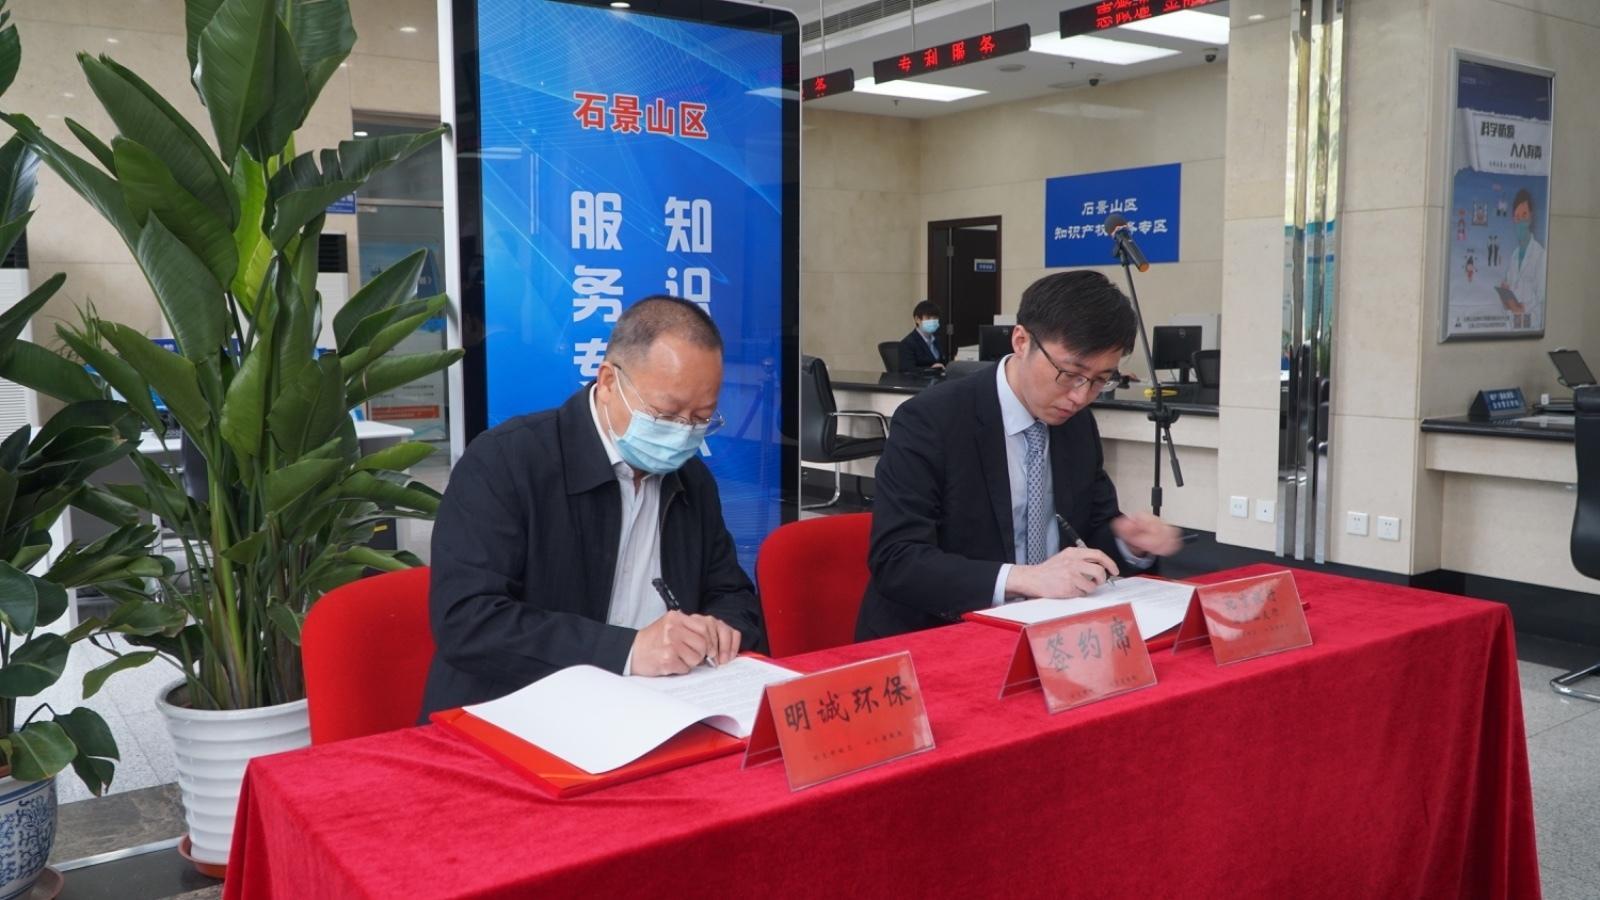 石景山区搭建知识产权质押融资平台 发出首笔专利贷款300万元